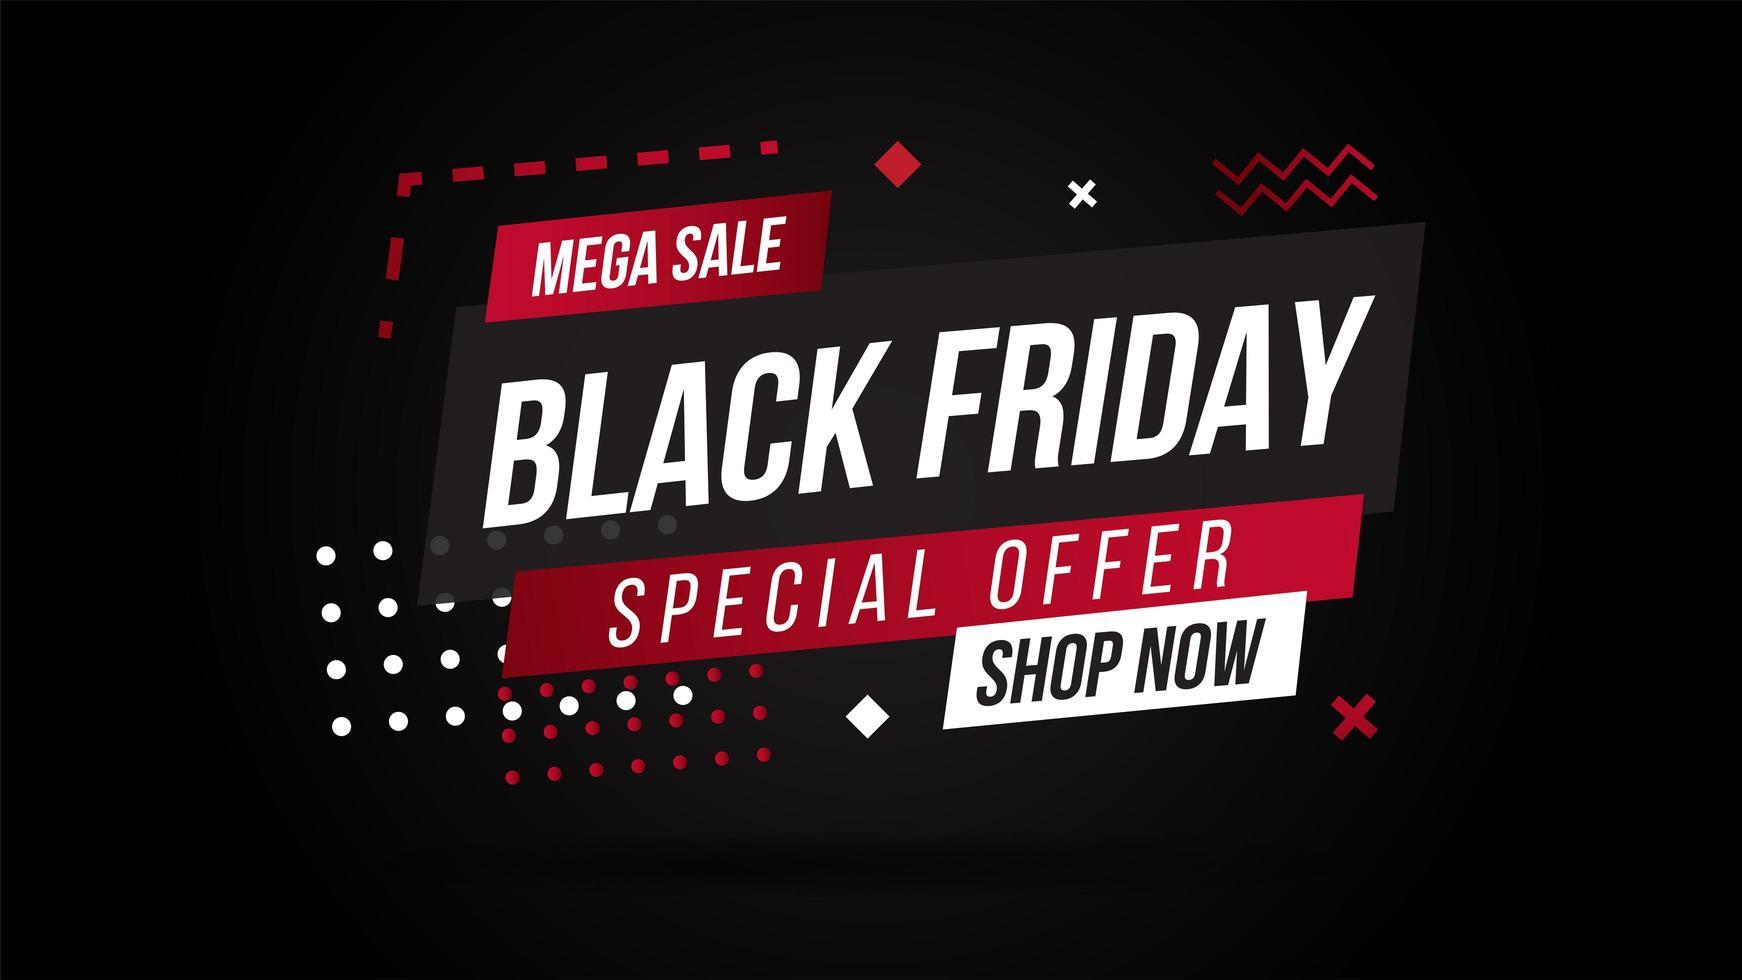 schwarze Freitag geometrische Form Verkaufsbanner vektor